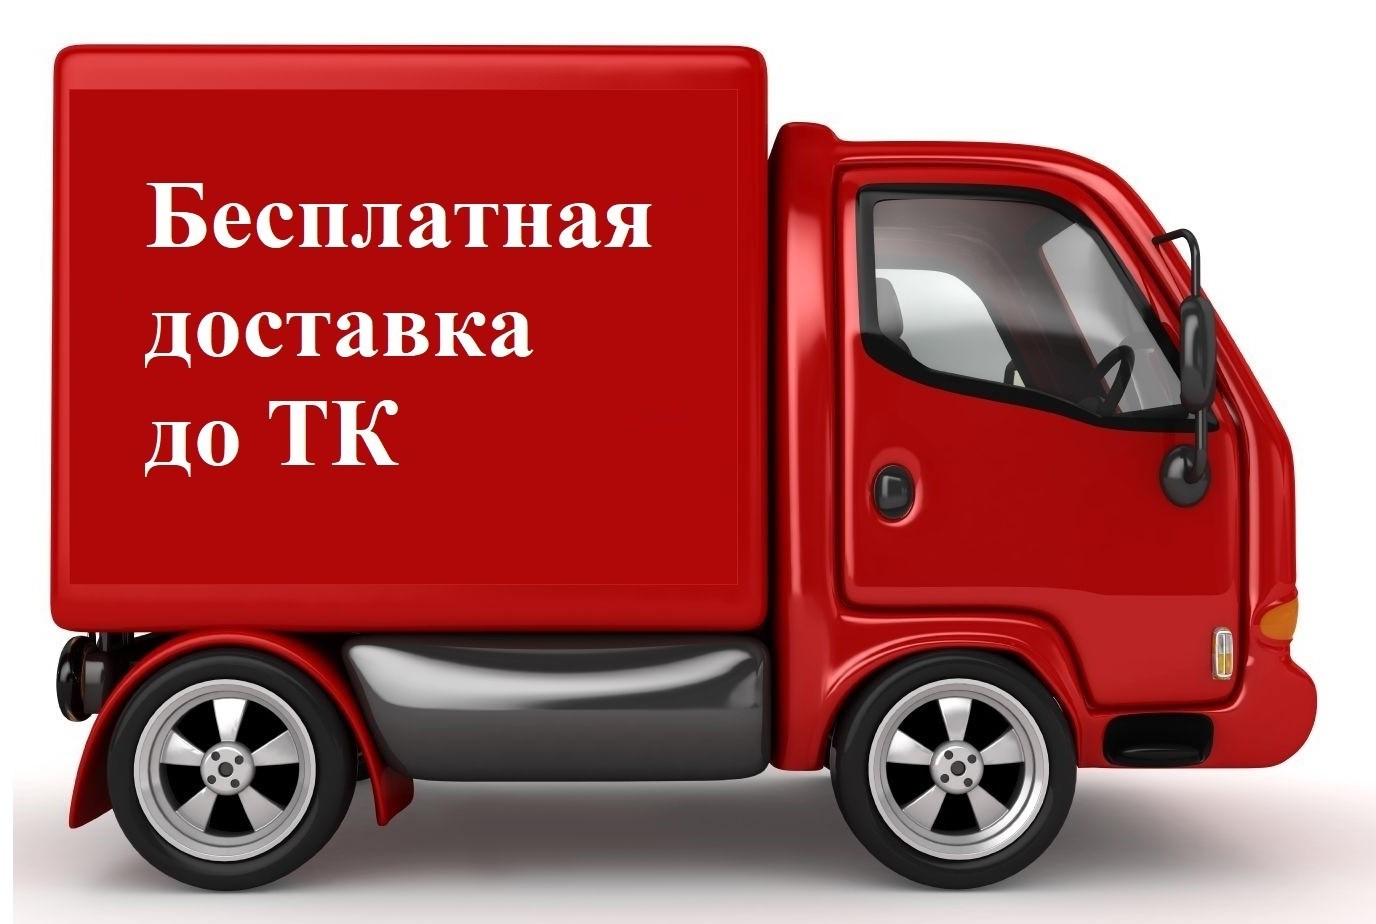 Бесплатно доставляем до ТК СДЭК и Почты России